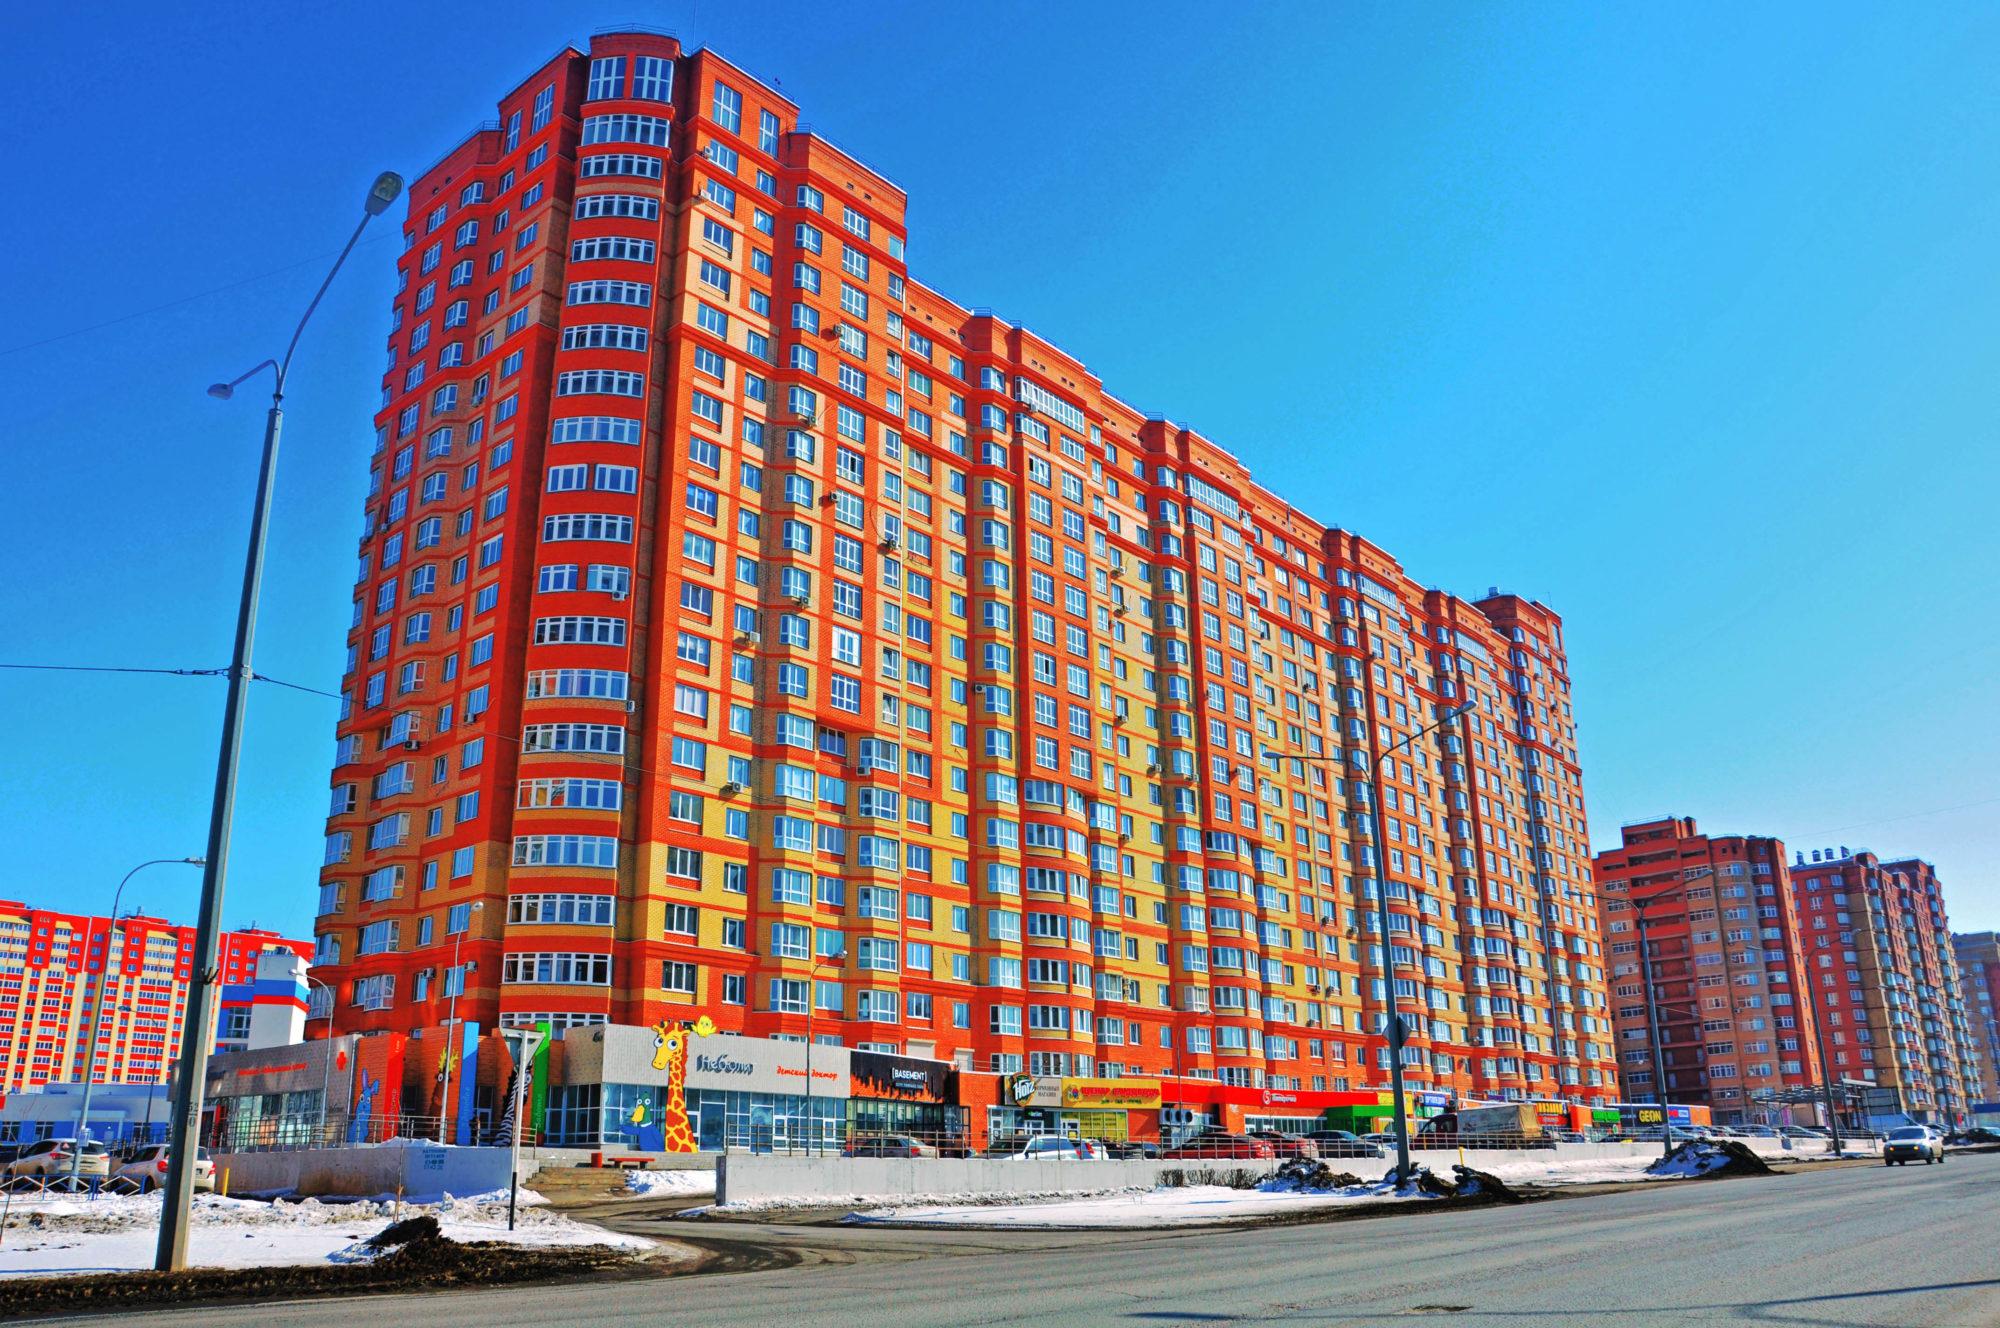 МКД по адресу ул. Салмышская д. 43/5, г. Оренбург обслуживает ООО УКЖФ Просторная